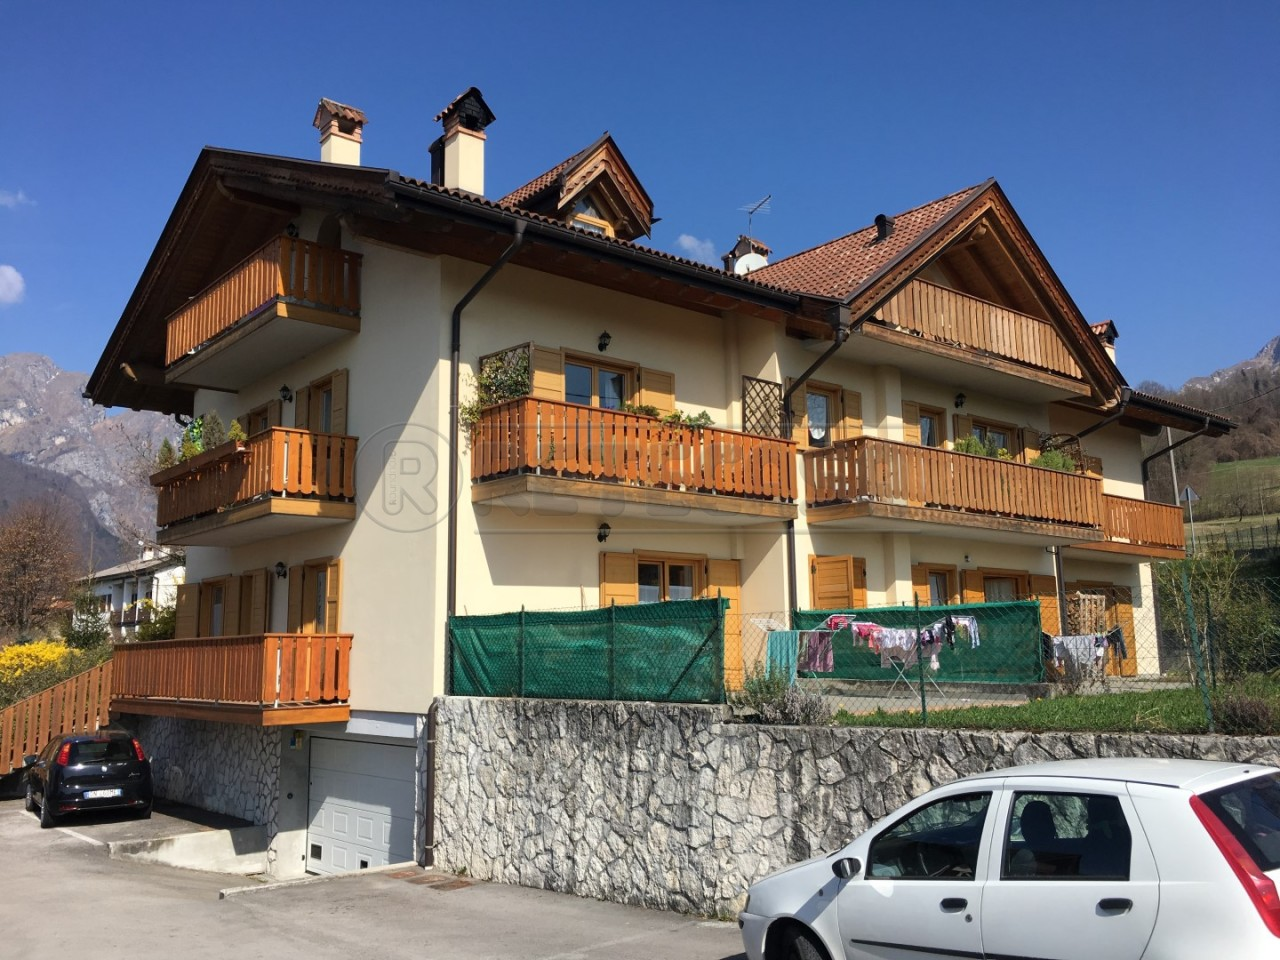 Appartamento in vendita a Belluno, 5 locali, prezzo € 185.000 | Cambio Casa.it